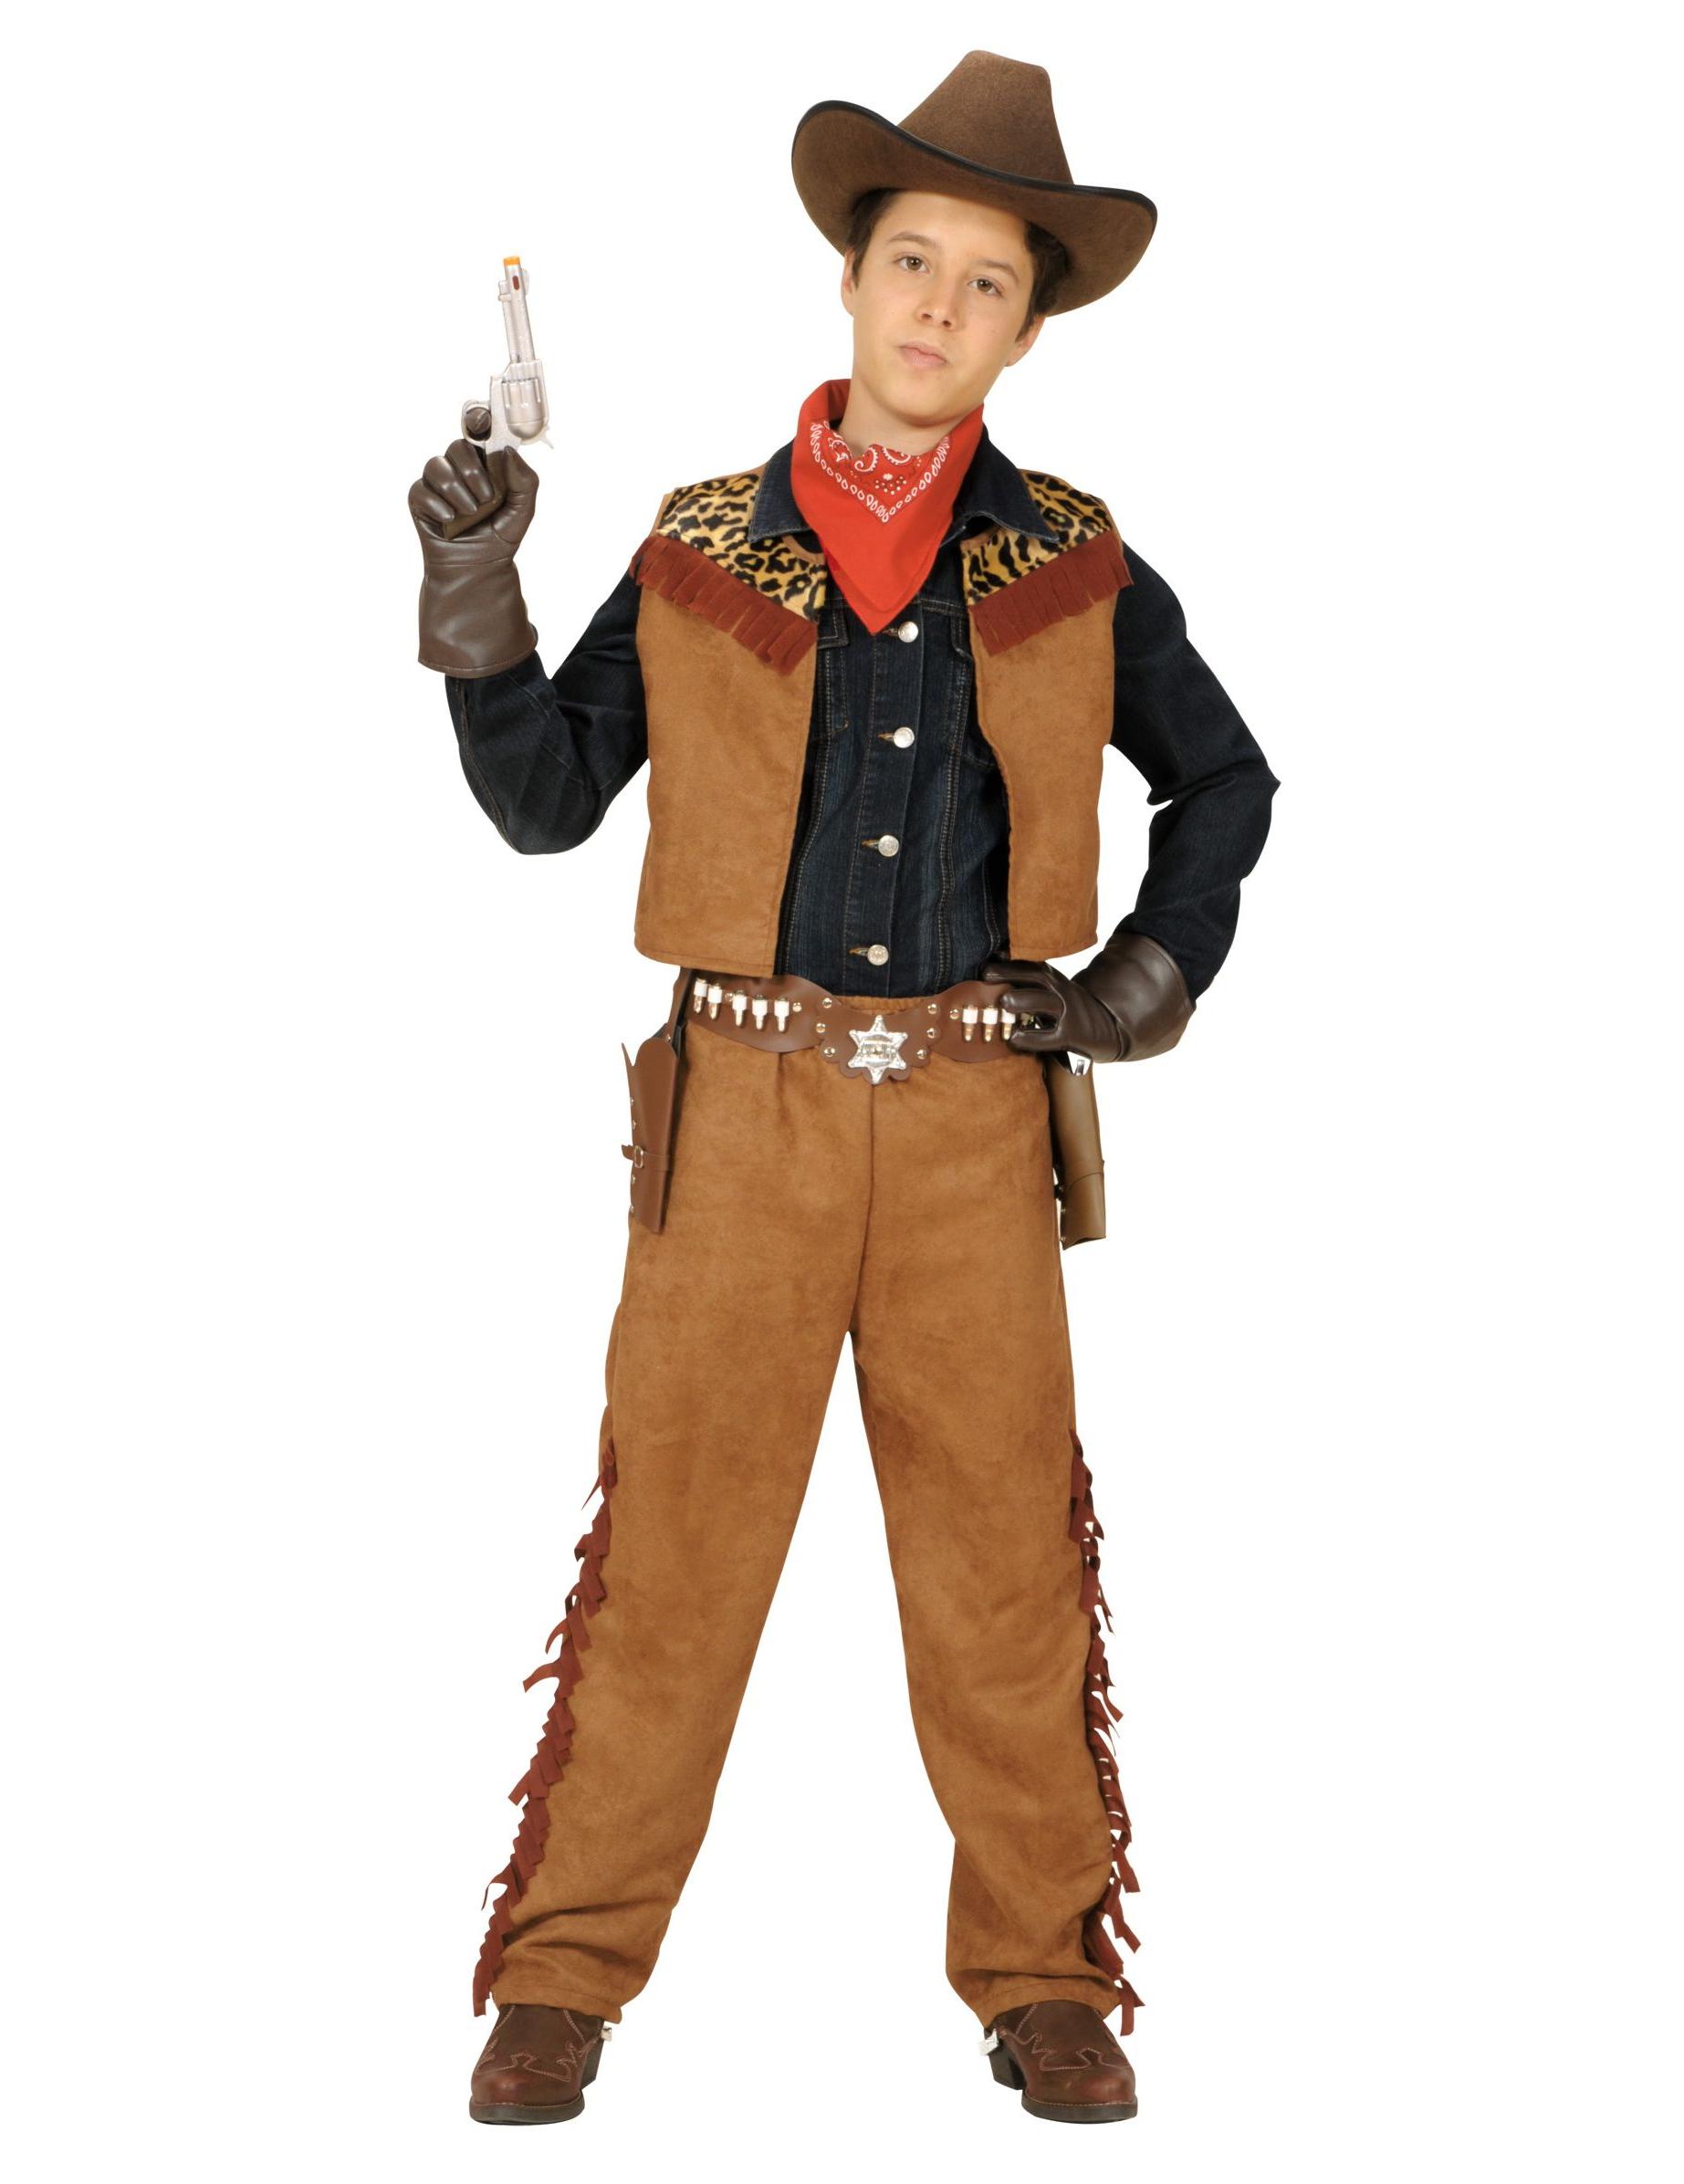 scarpe da ginnastica bambino scelta migliore Costume cowboy con gilet per bambino